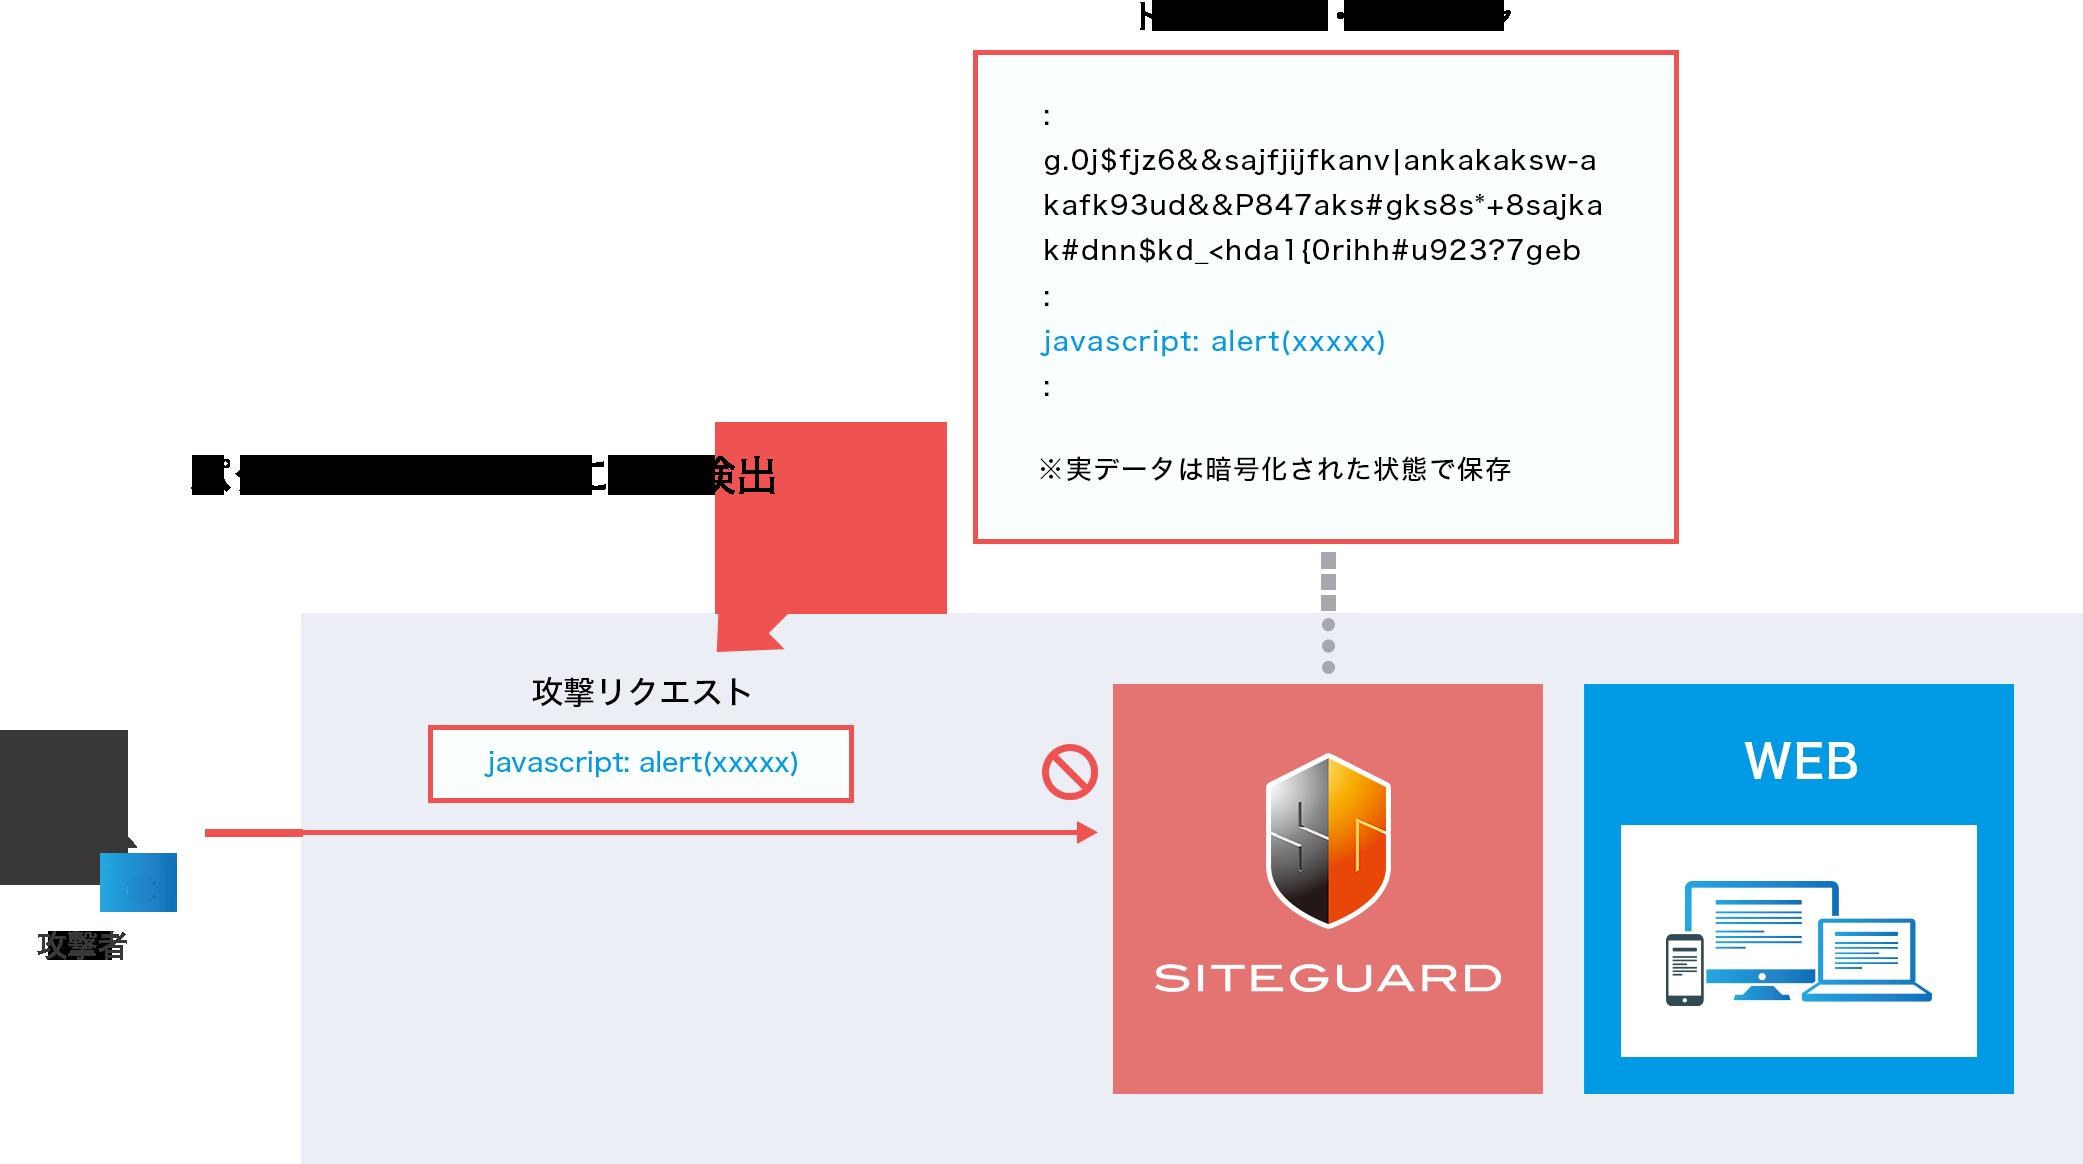 SiteGuardのシグネチャ検査